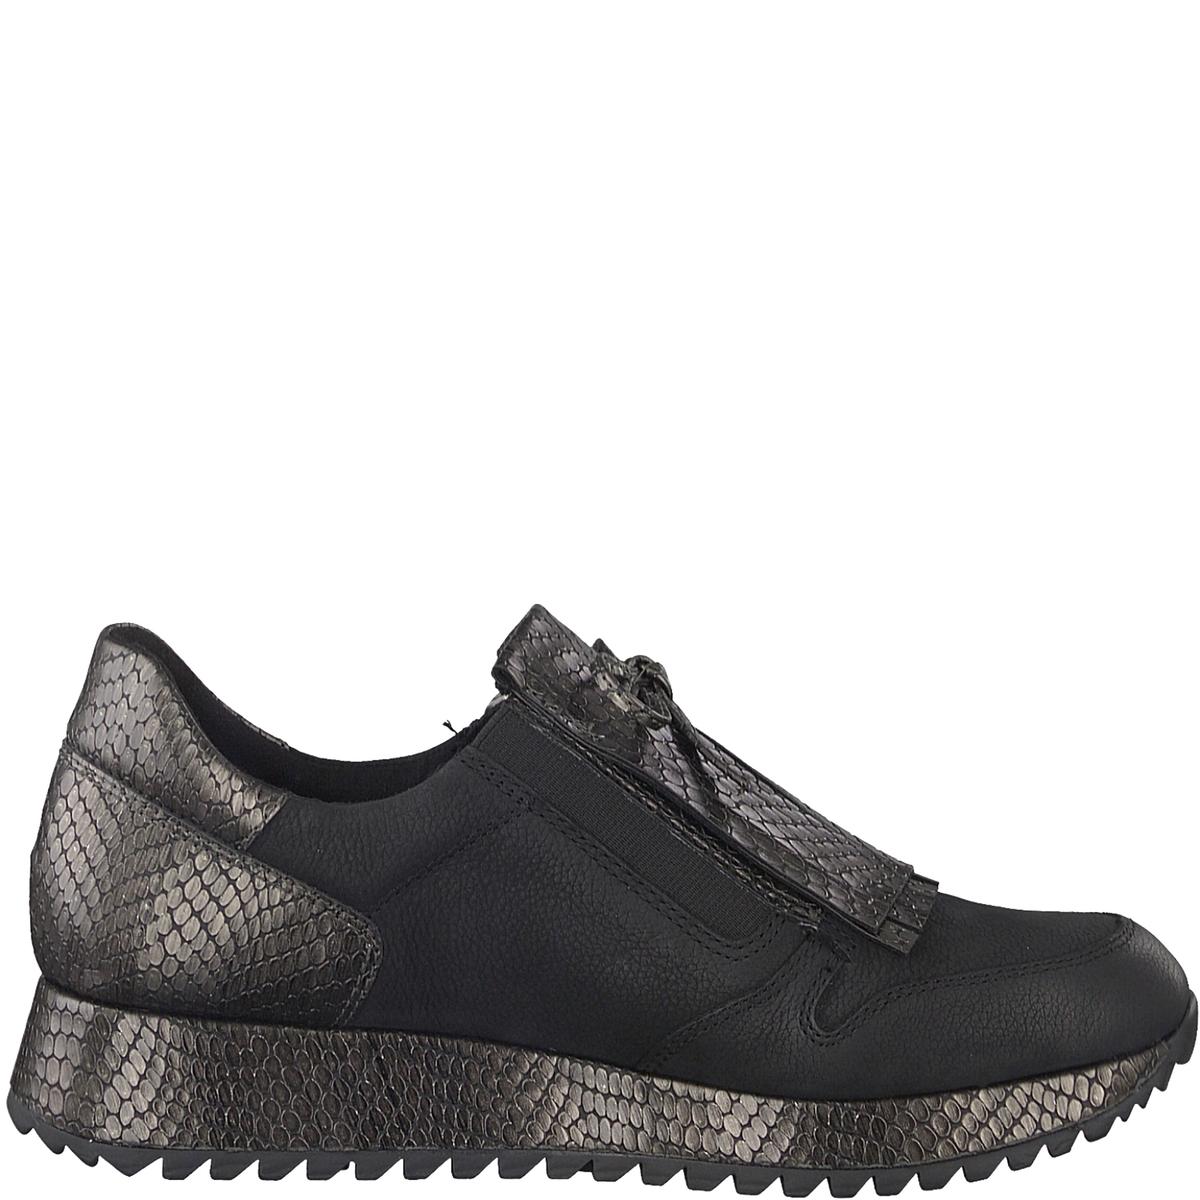 Кеды кожаные DivaДетали •  Спортивный стиль •  Плоский каблук •  Высота каблука : 3,5 см •  Застежка : на молниюСостав и уход • Верх/Голенище 50% кожи, 50% синтетического материала   •  Подкладка 50% синтетического материала, 50% текстиля<br><br>Цвет: черный<br>Размер: 39